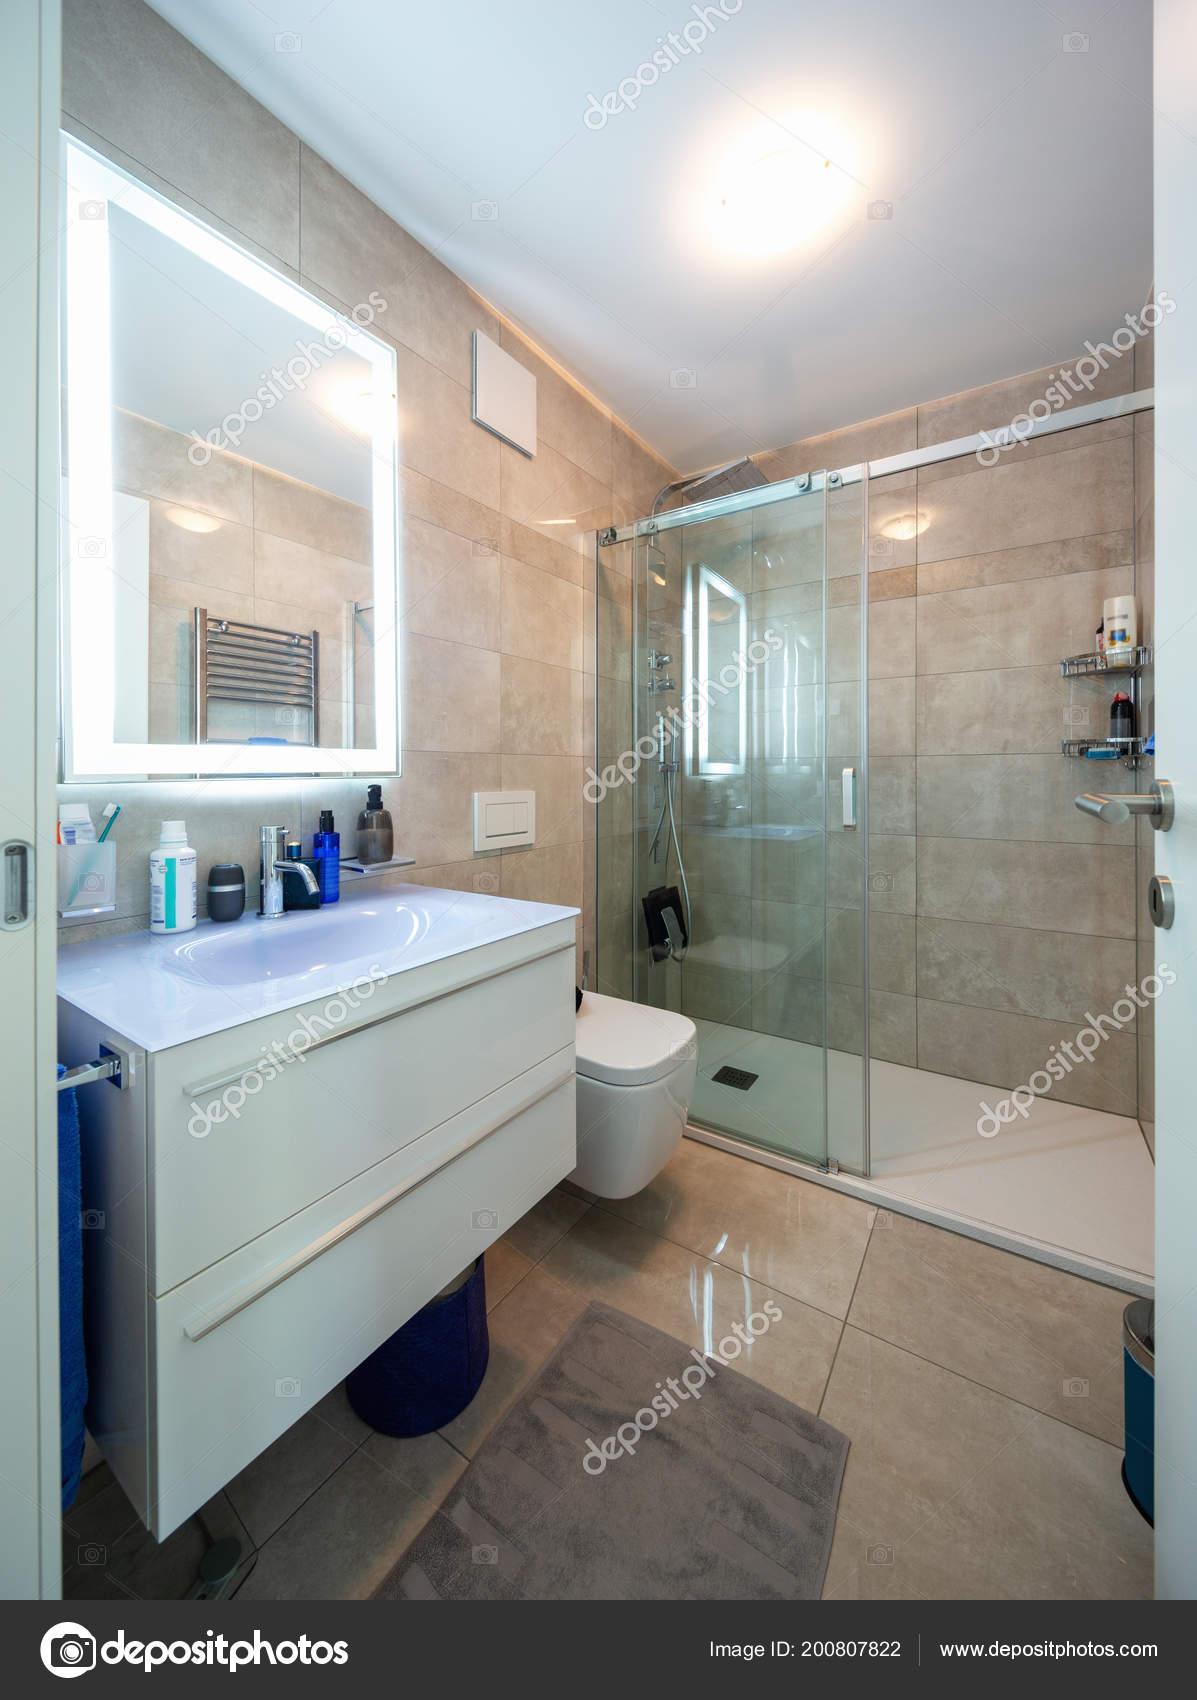 Moderno Cuarto Baño Apartamento Diseño Mármol Nadie Dentro ...